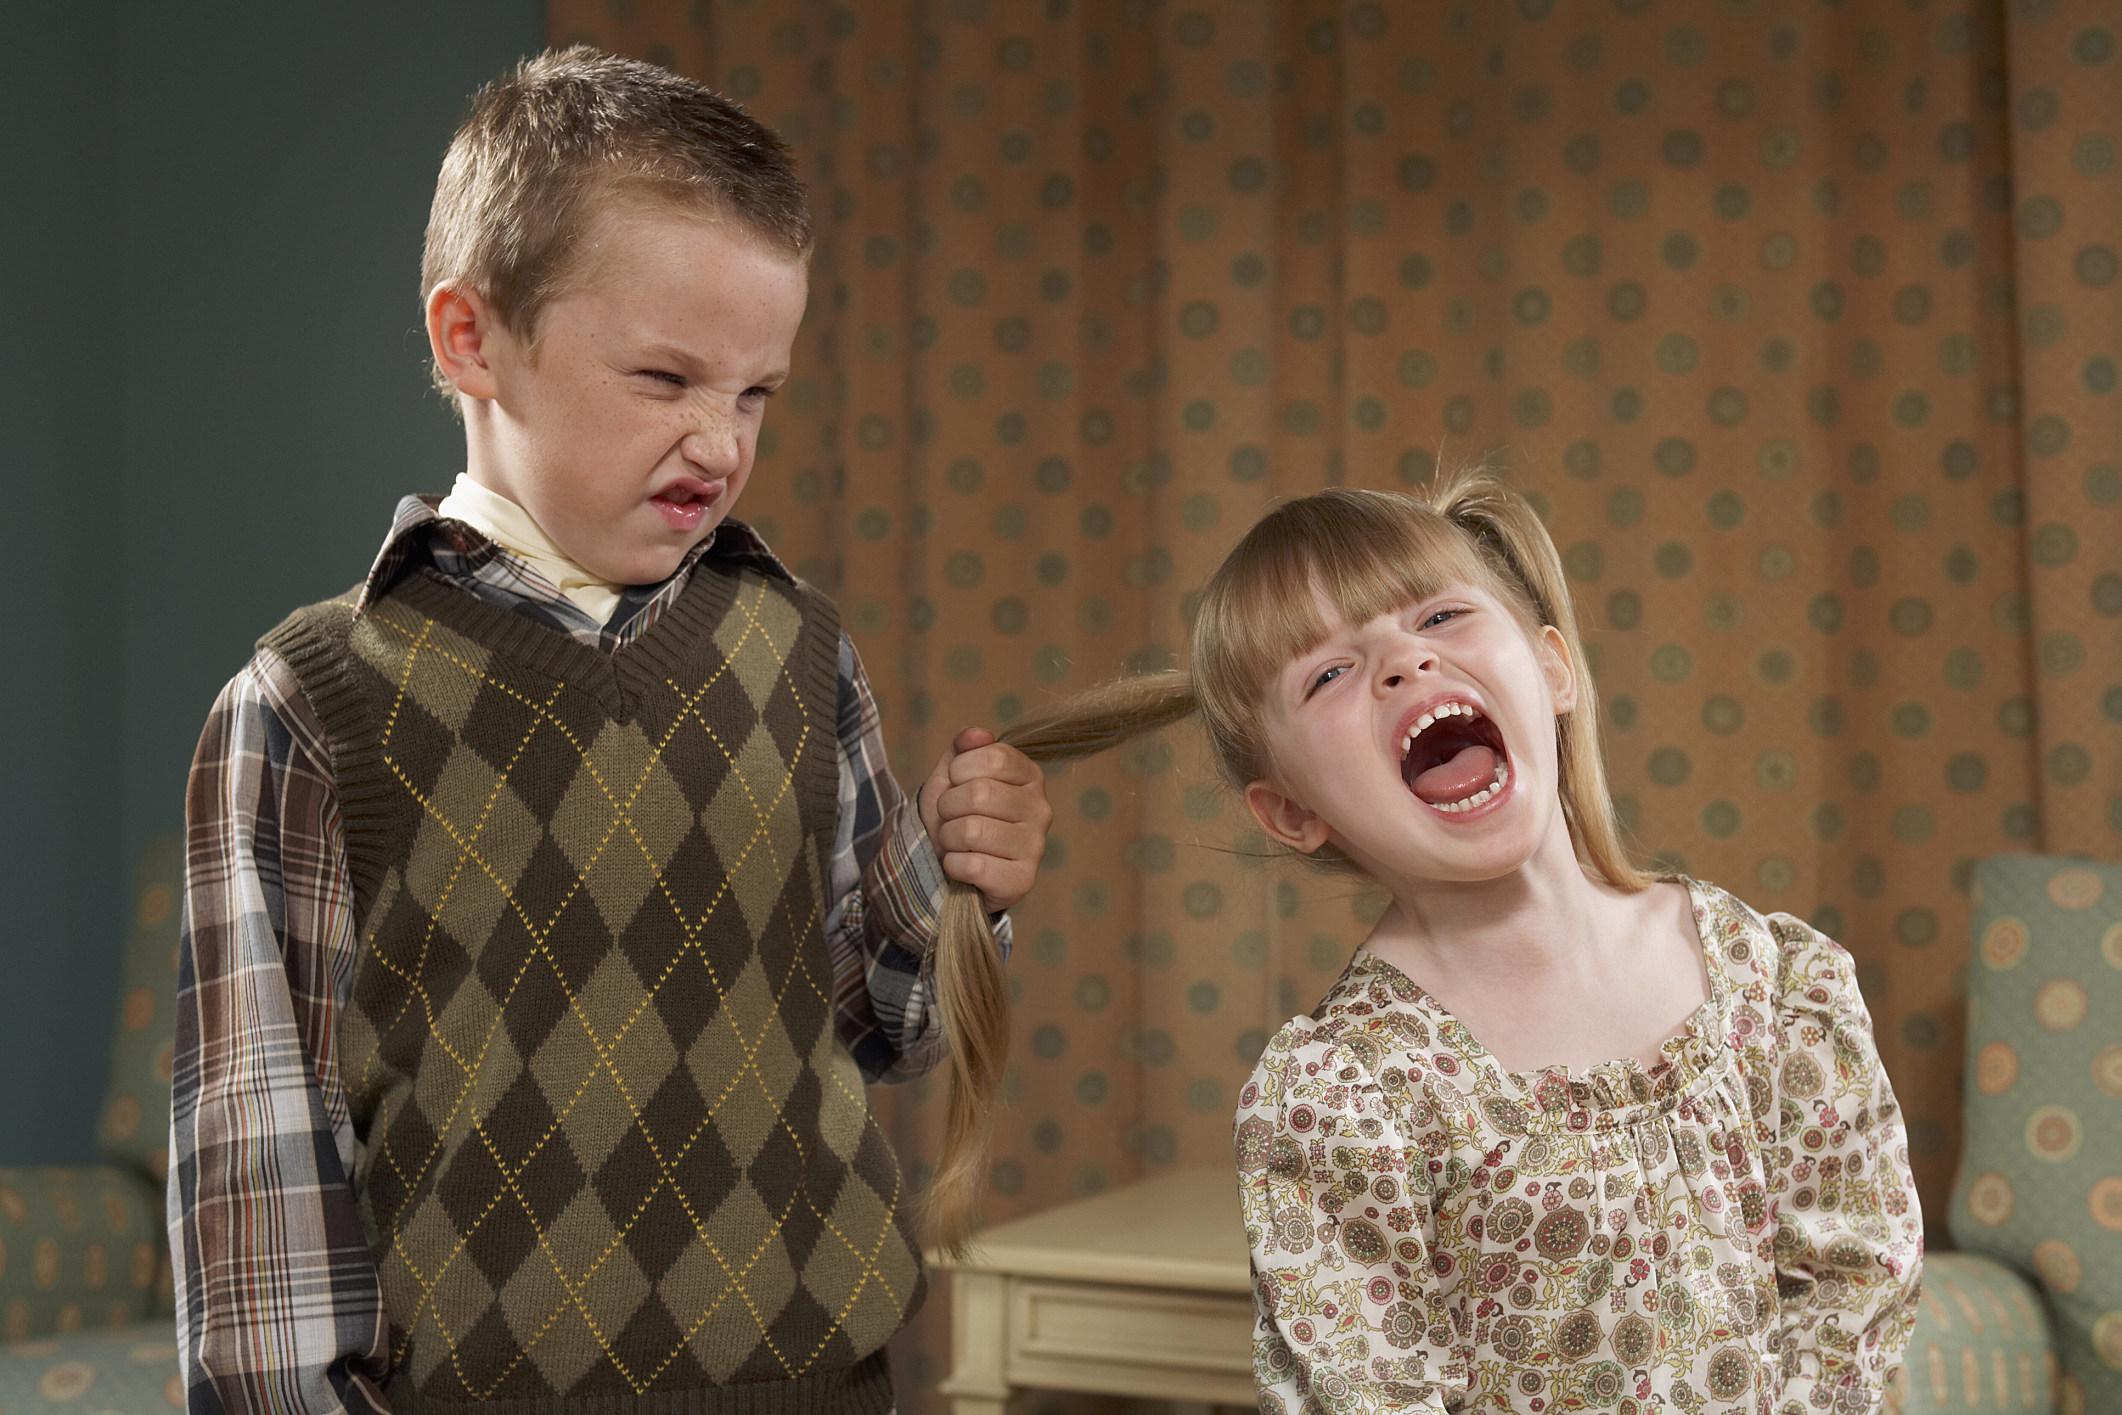 мальчик обижает девочку